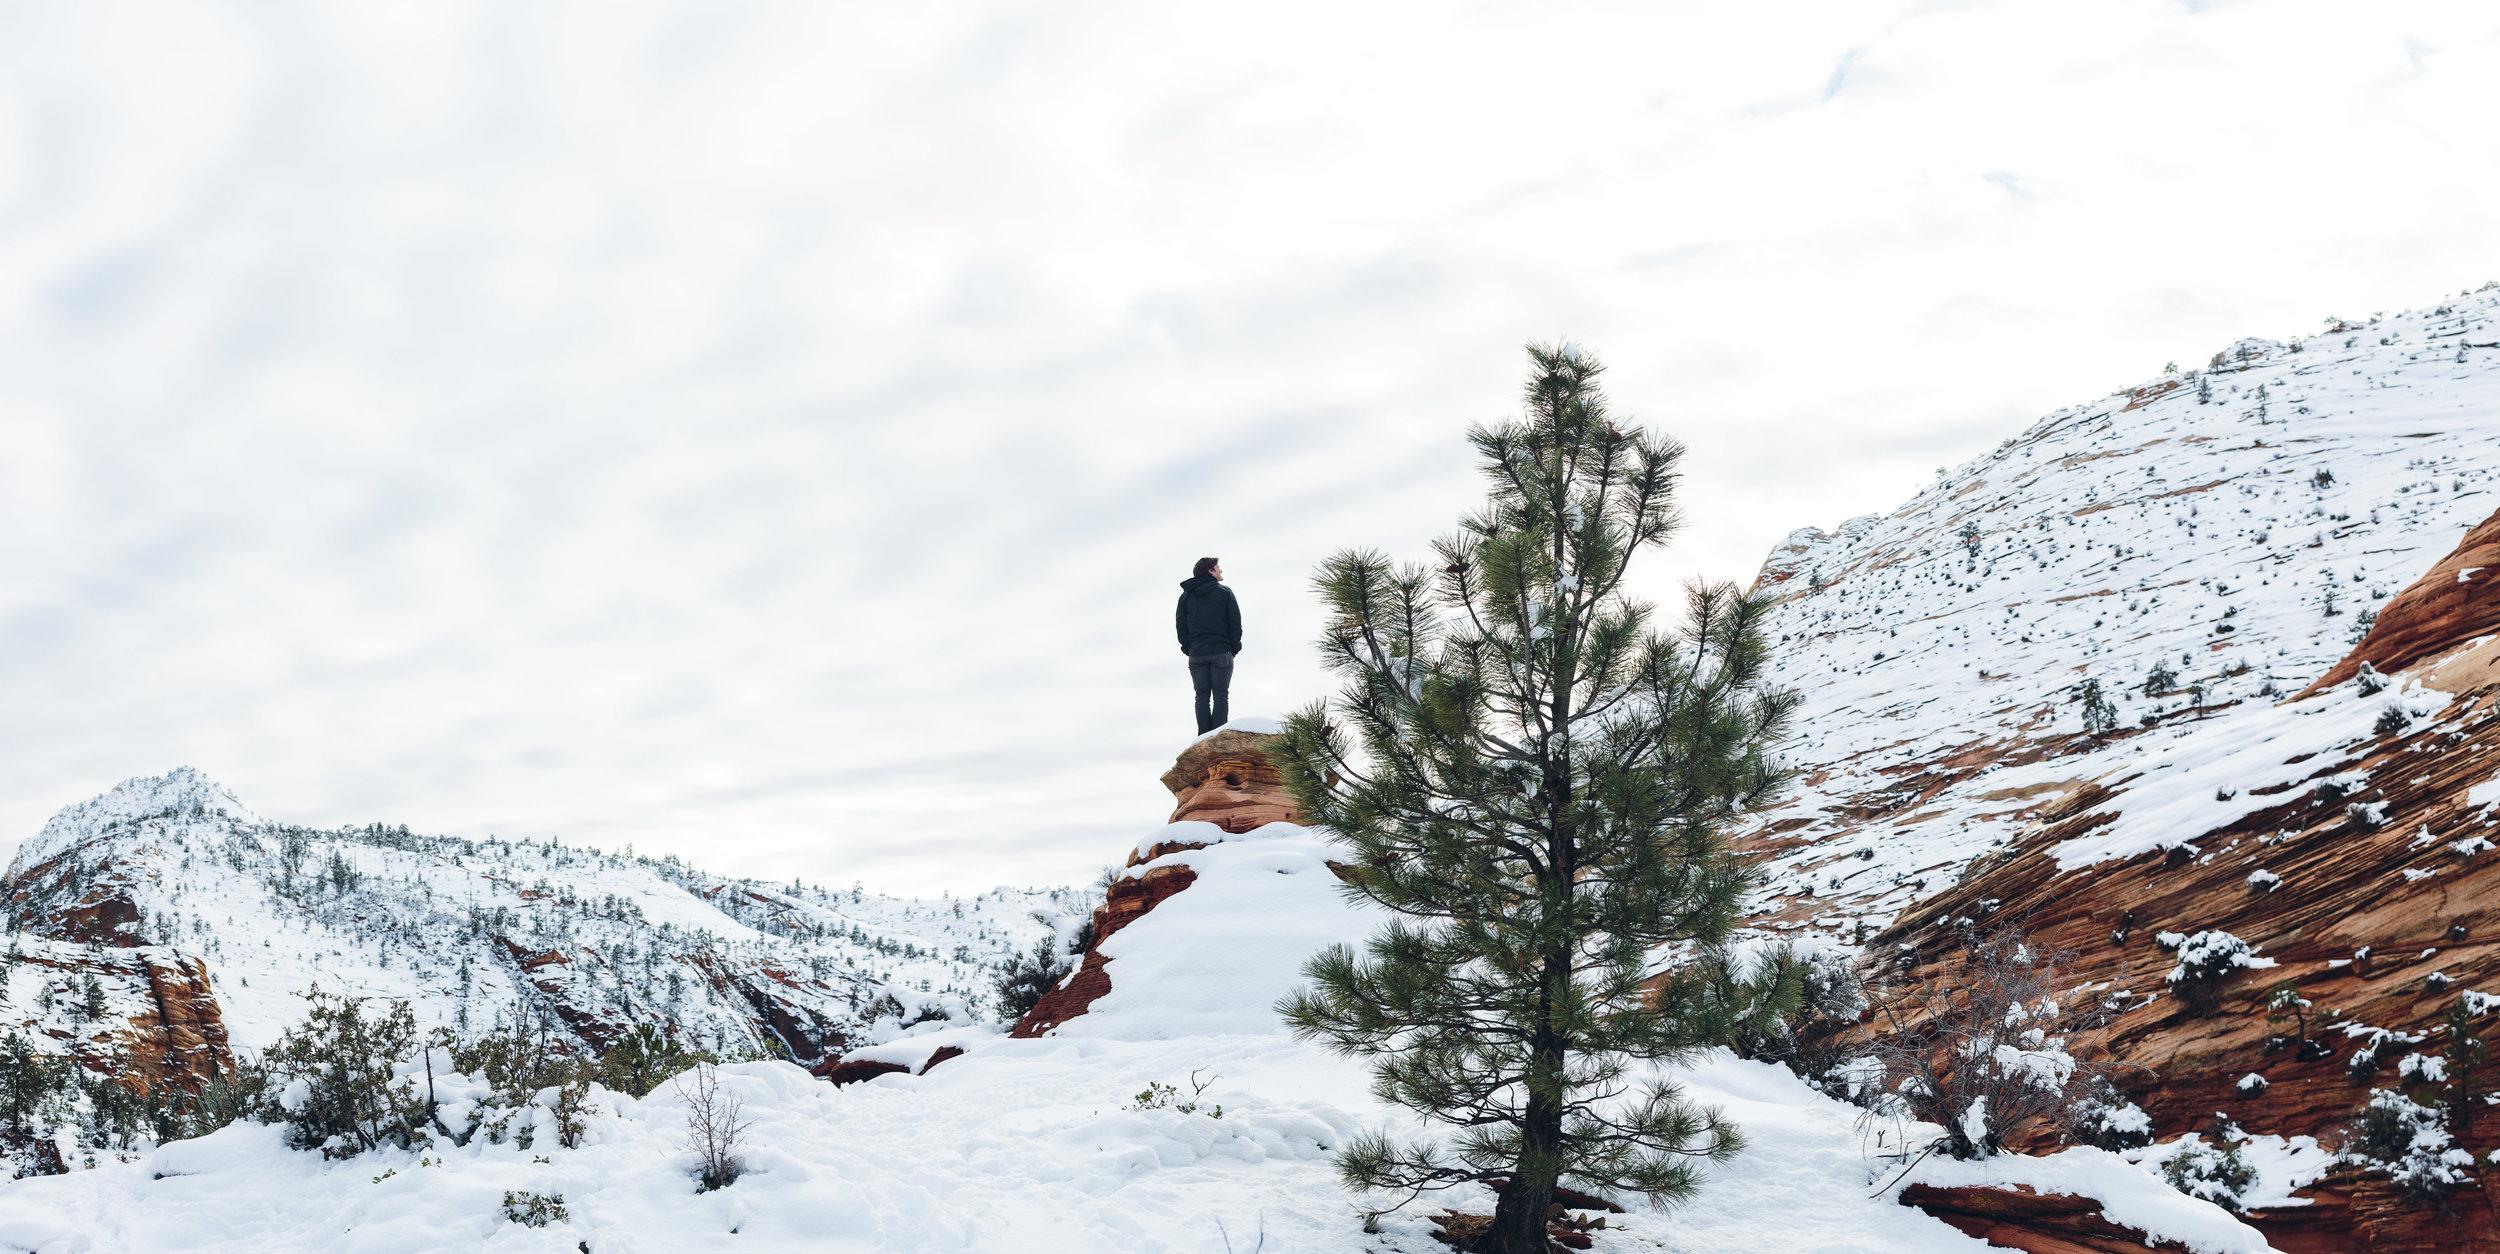 Zion National Park winter portraits